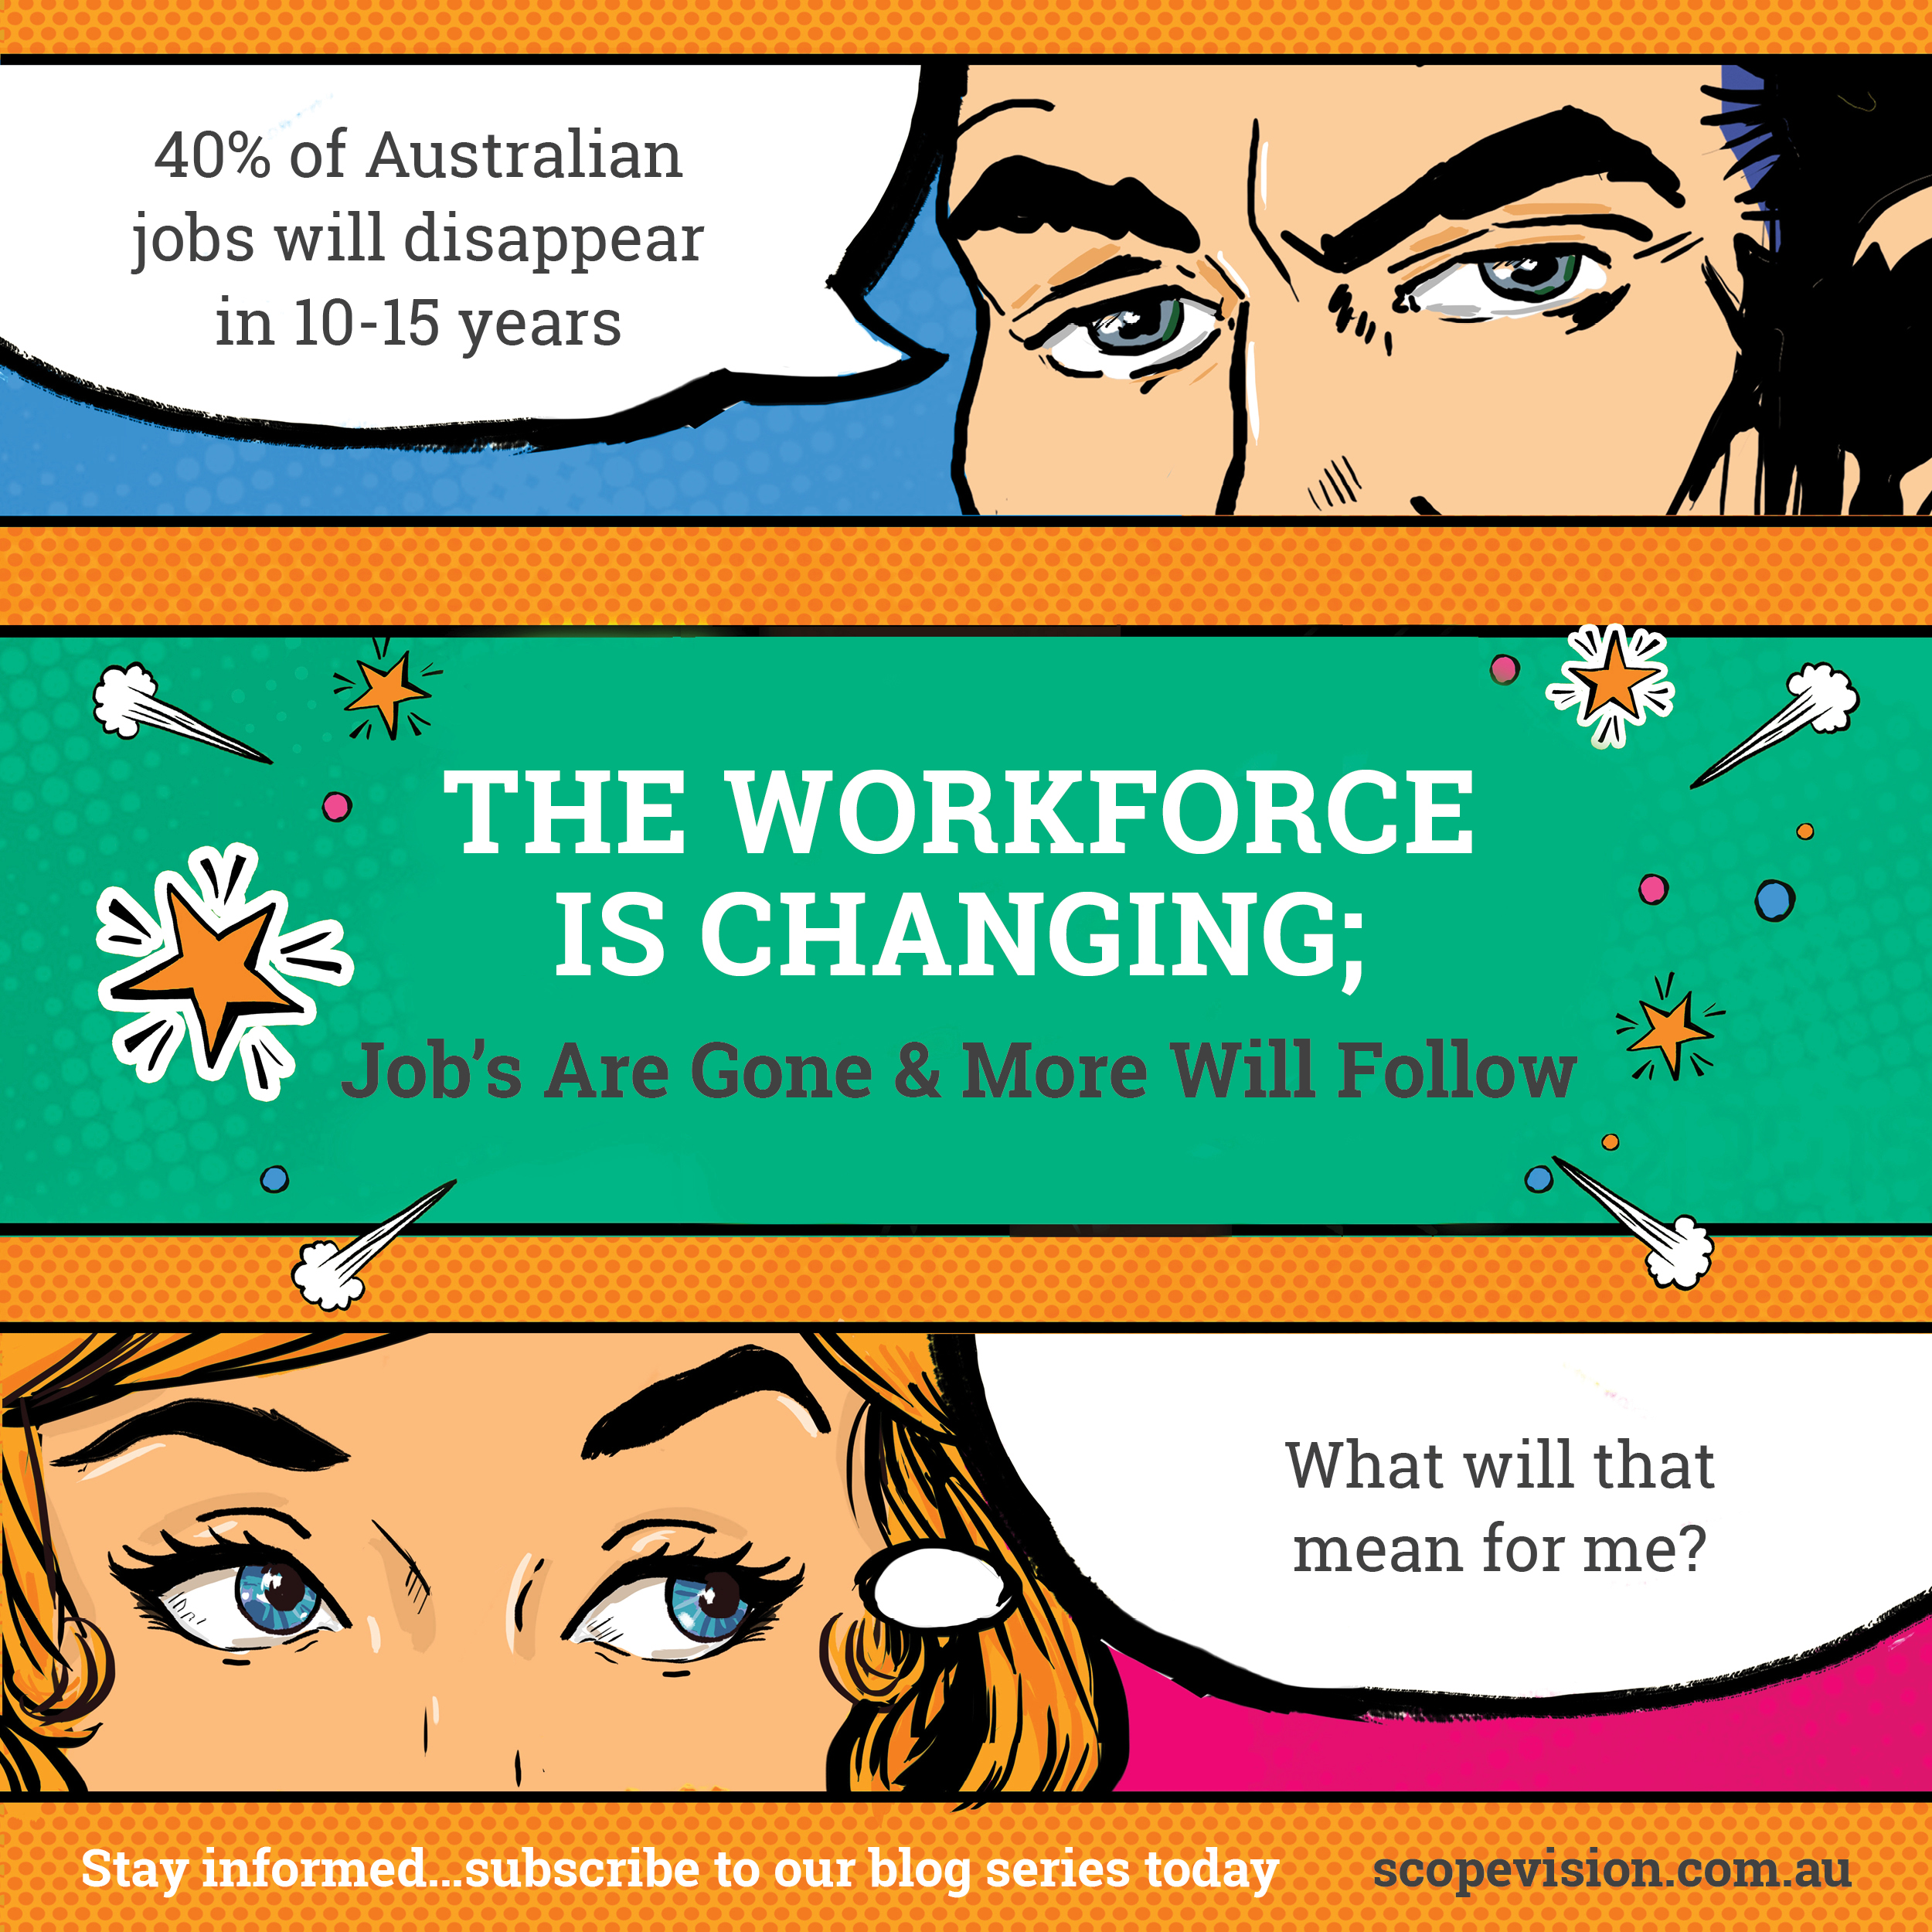 WorkforceInChanging.jpg